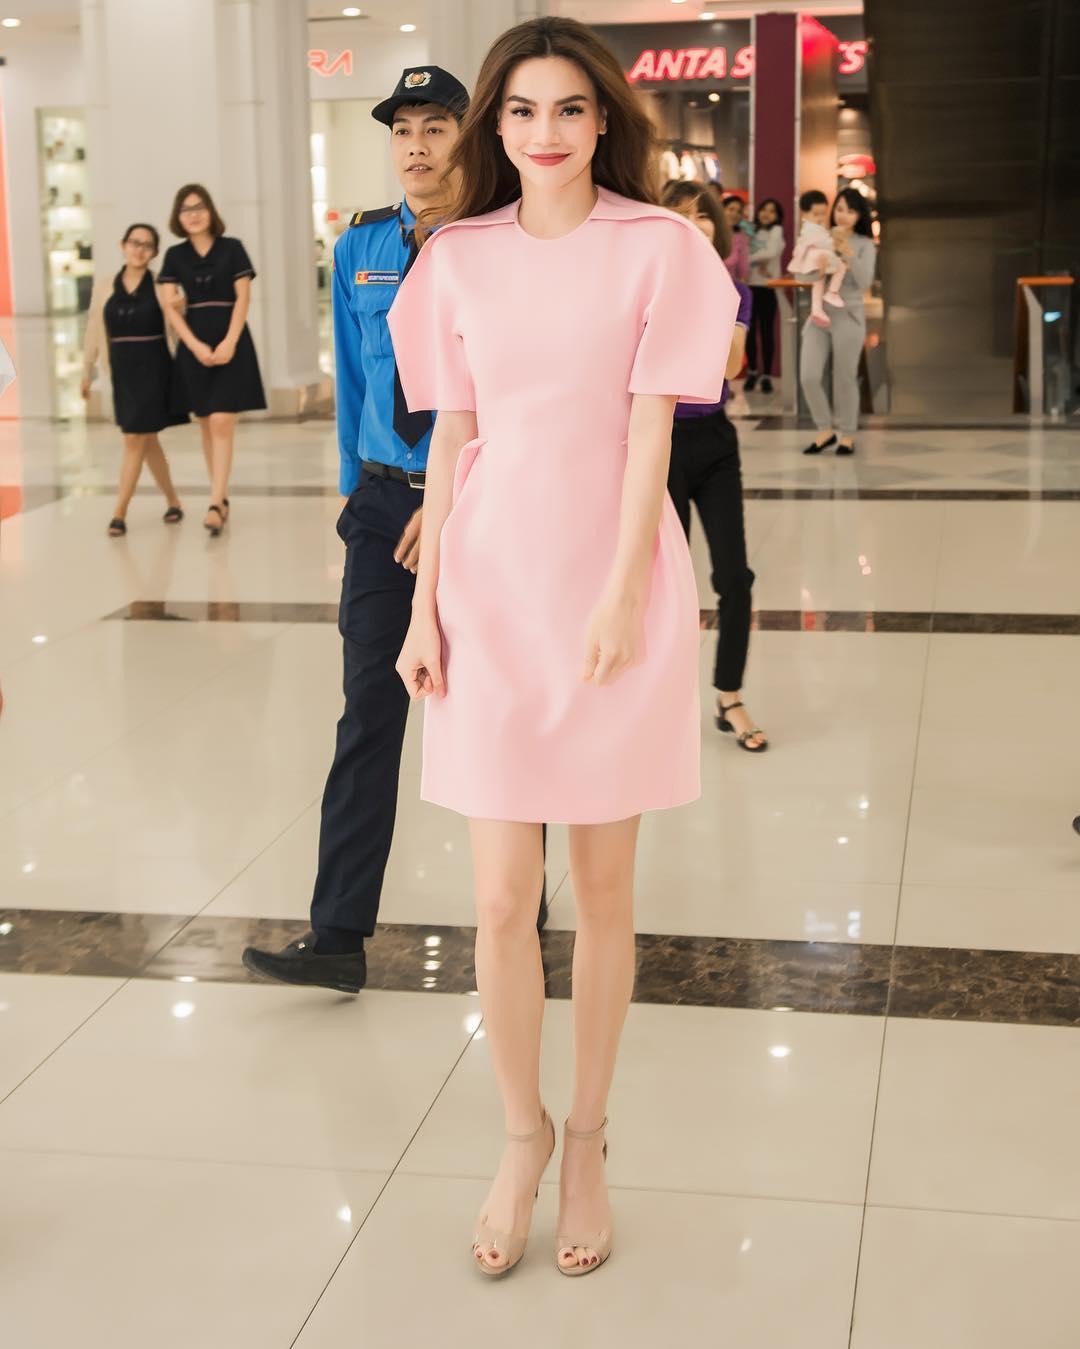 Style biến hóa khôn lường nhưng Hà Hồ bao năm cứ trung thành với một kiểu giày cao gót kéo chân vi diệu - Ảnh 2.